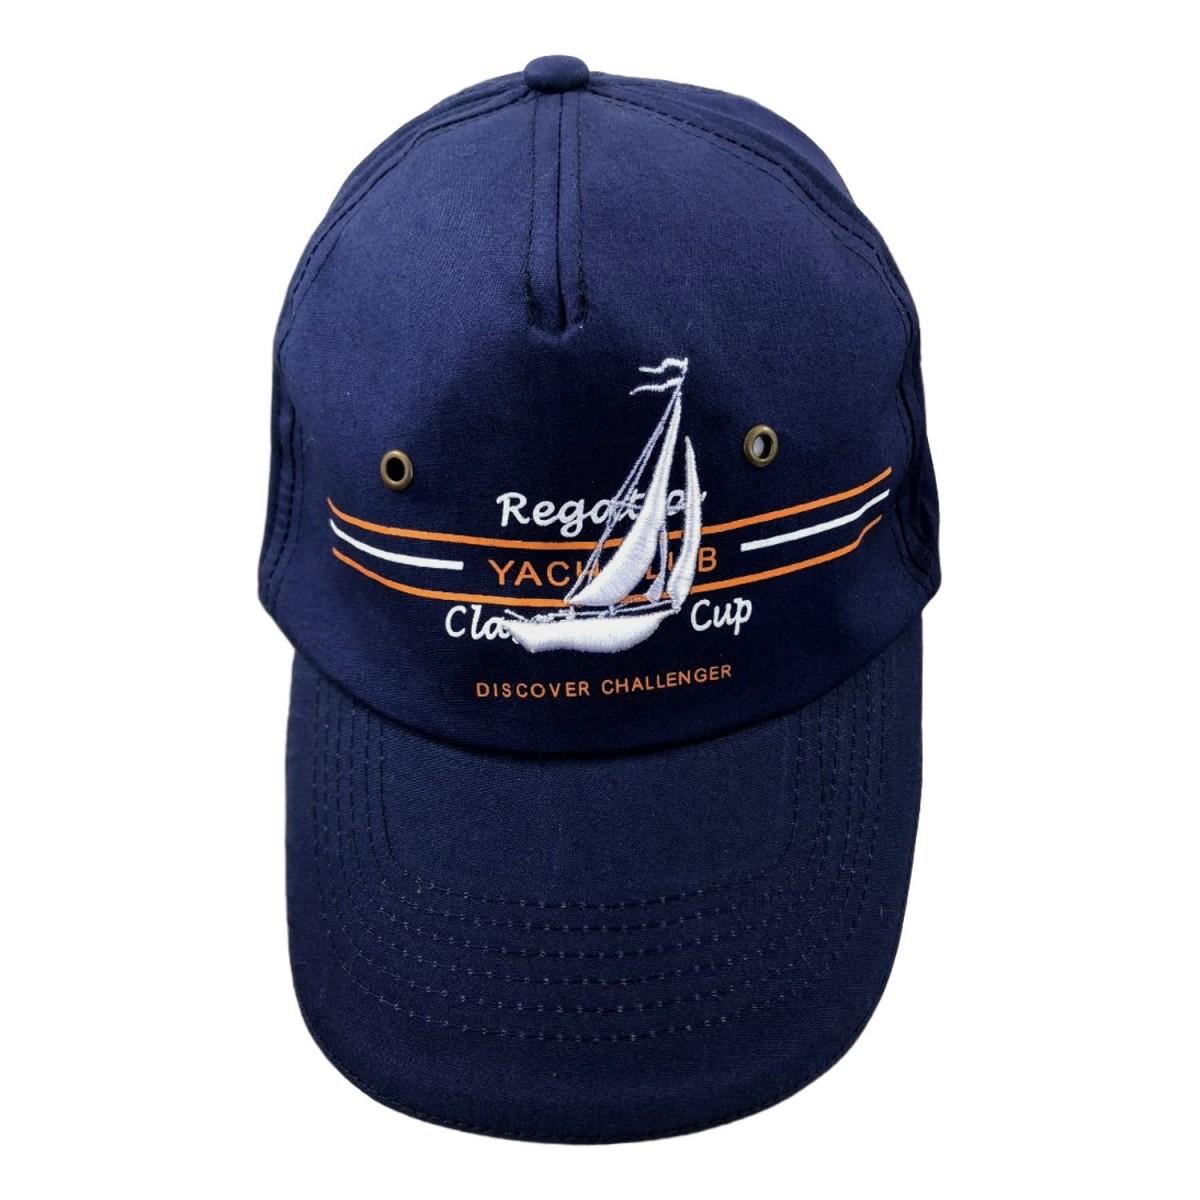 Casquette regatta yacht club